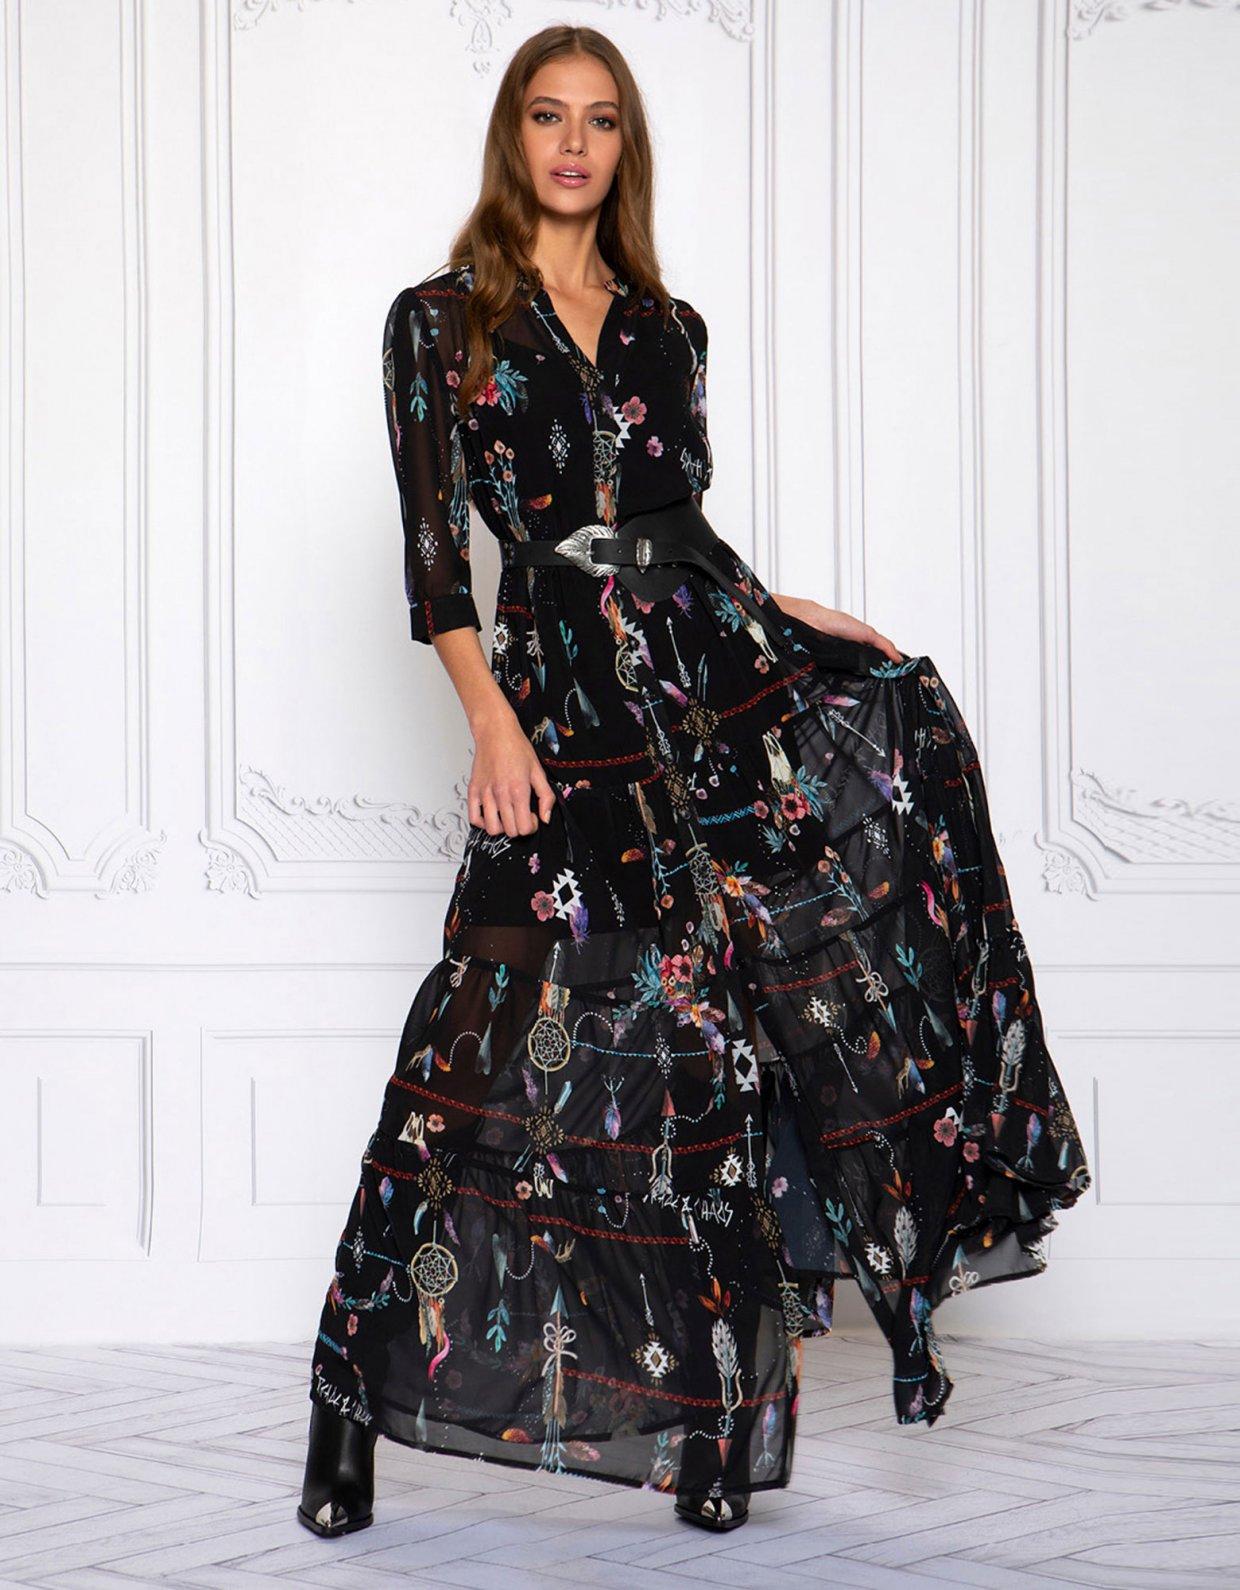 Peace & Chaos Dreamcatcher dress